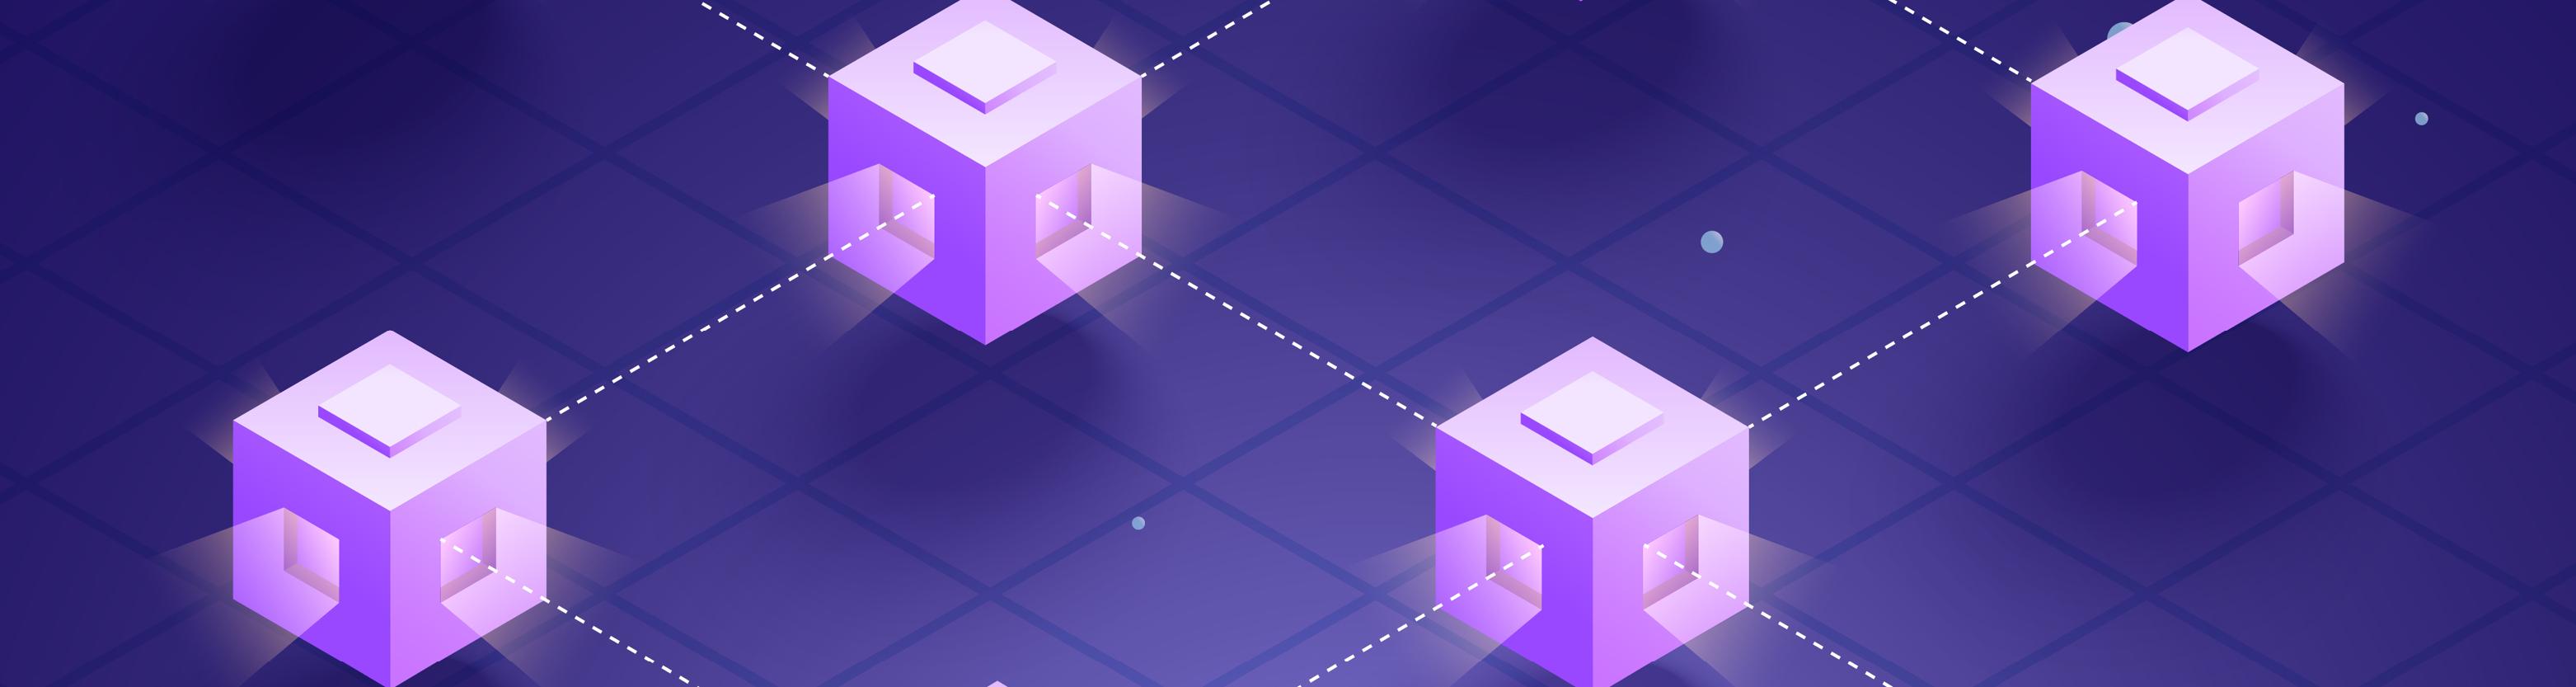 Titelbild_Blog_def_Blockchain_iStock-1001308280